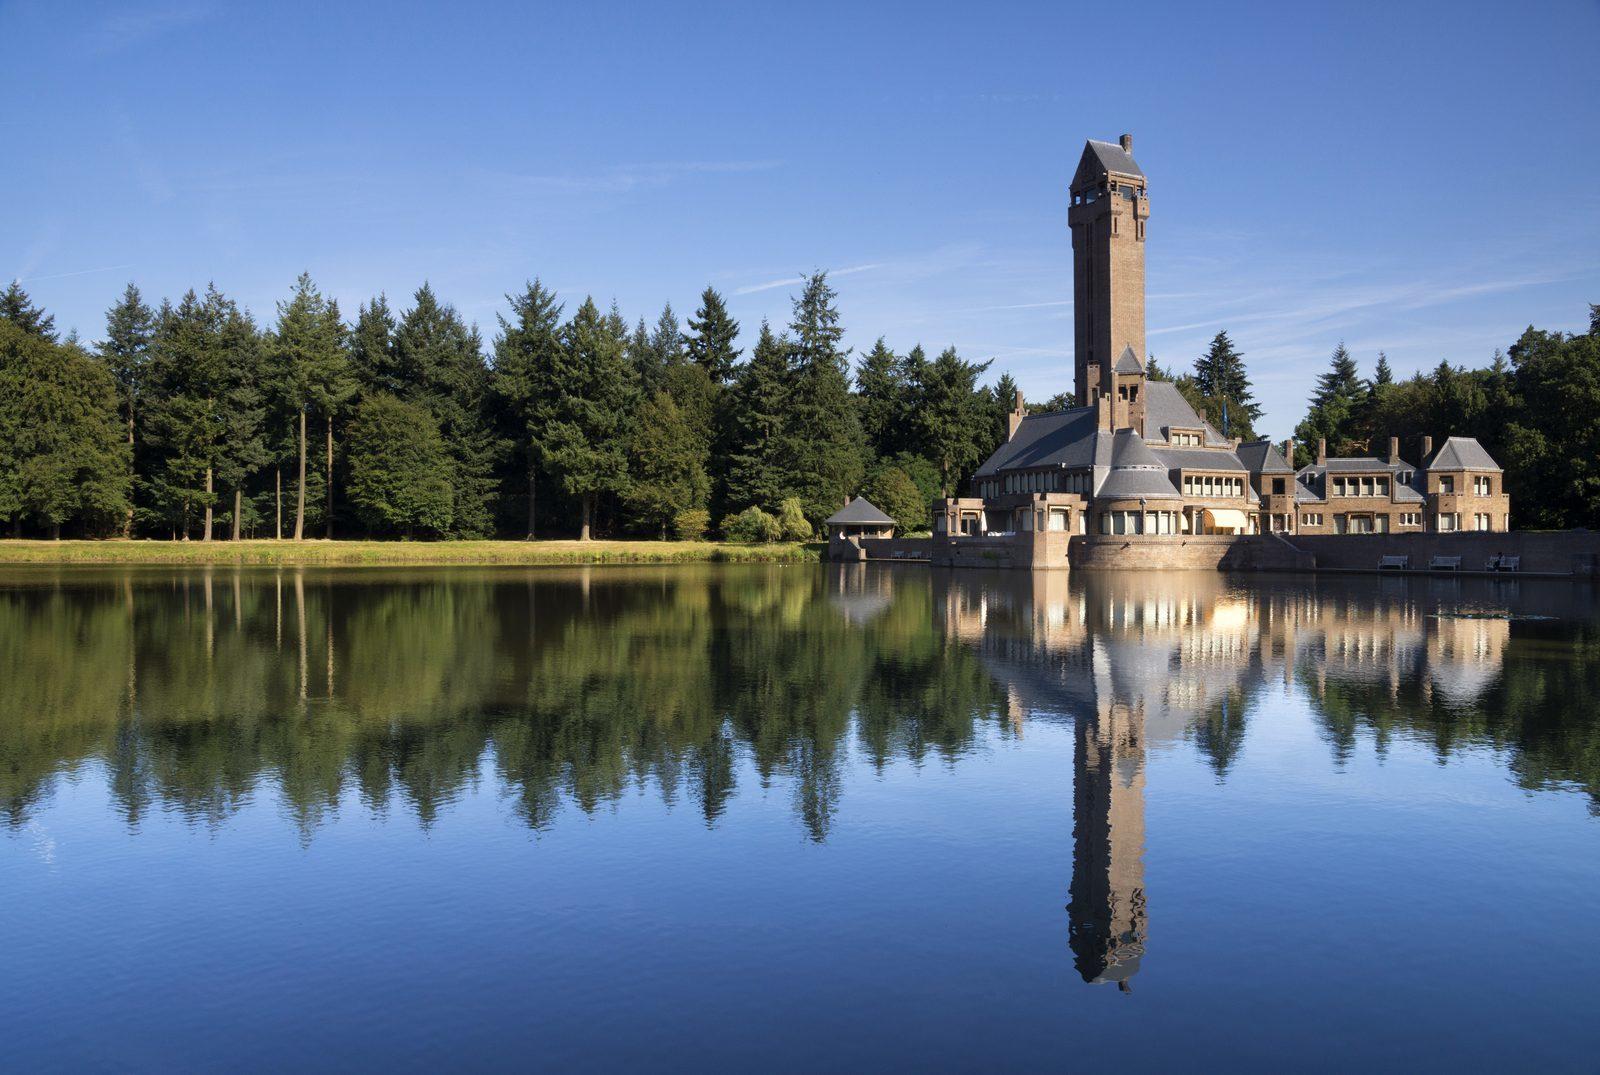 Nationalpark Hoge Veluwe – St. Hubertus